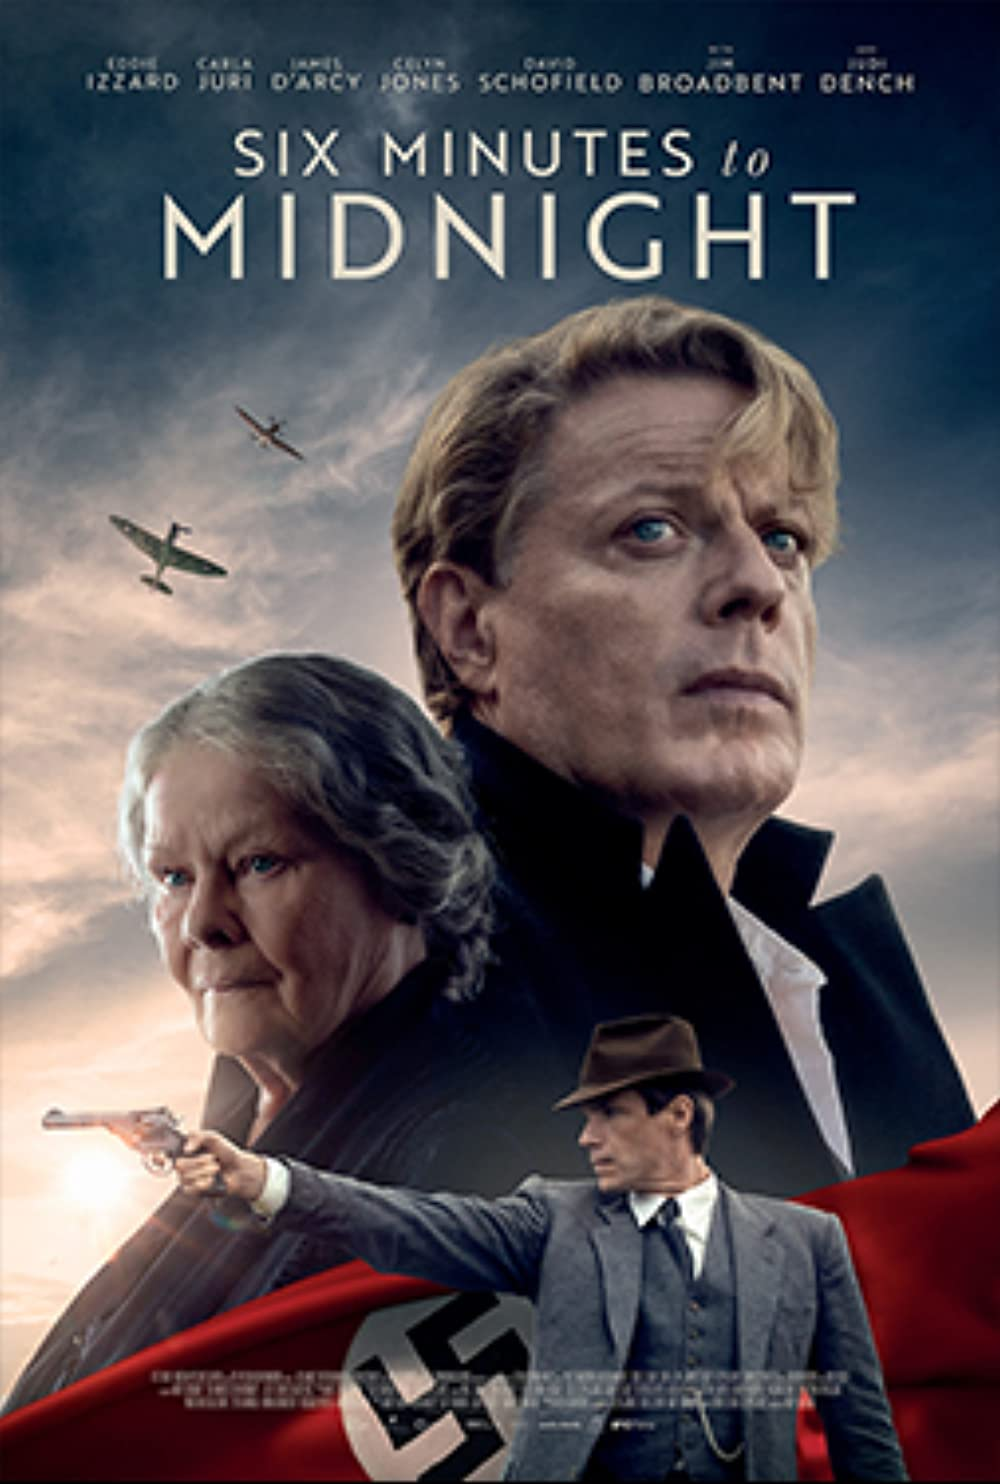 ดูหนัง Six Minutes to Midnight (2020) พลิกชะตาจารชน